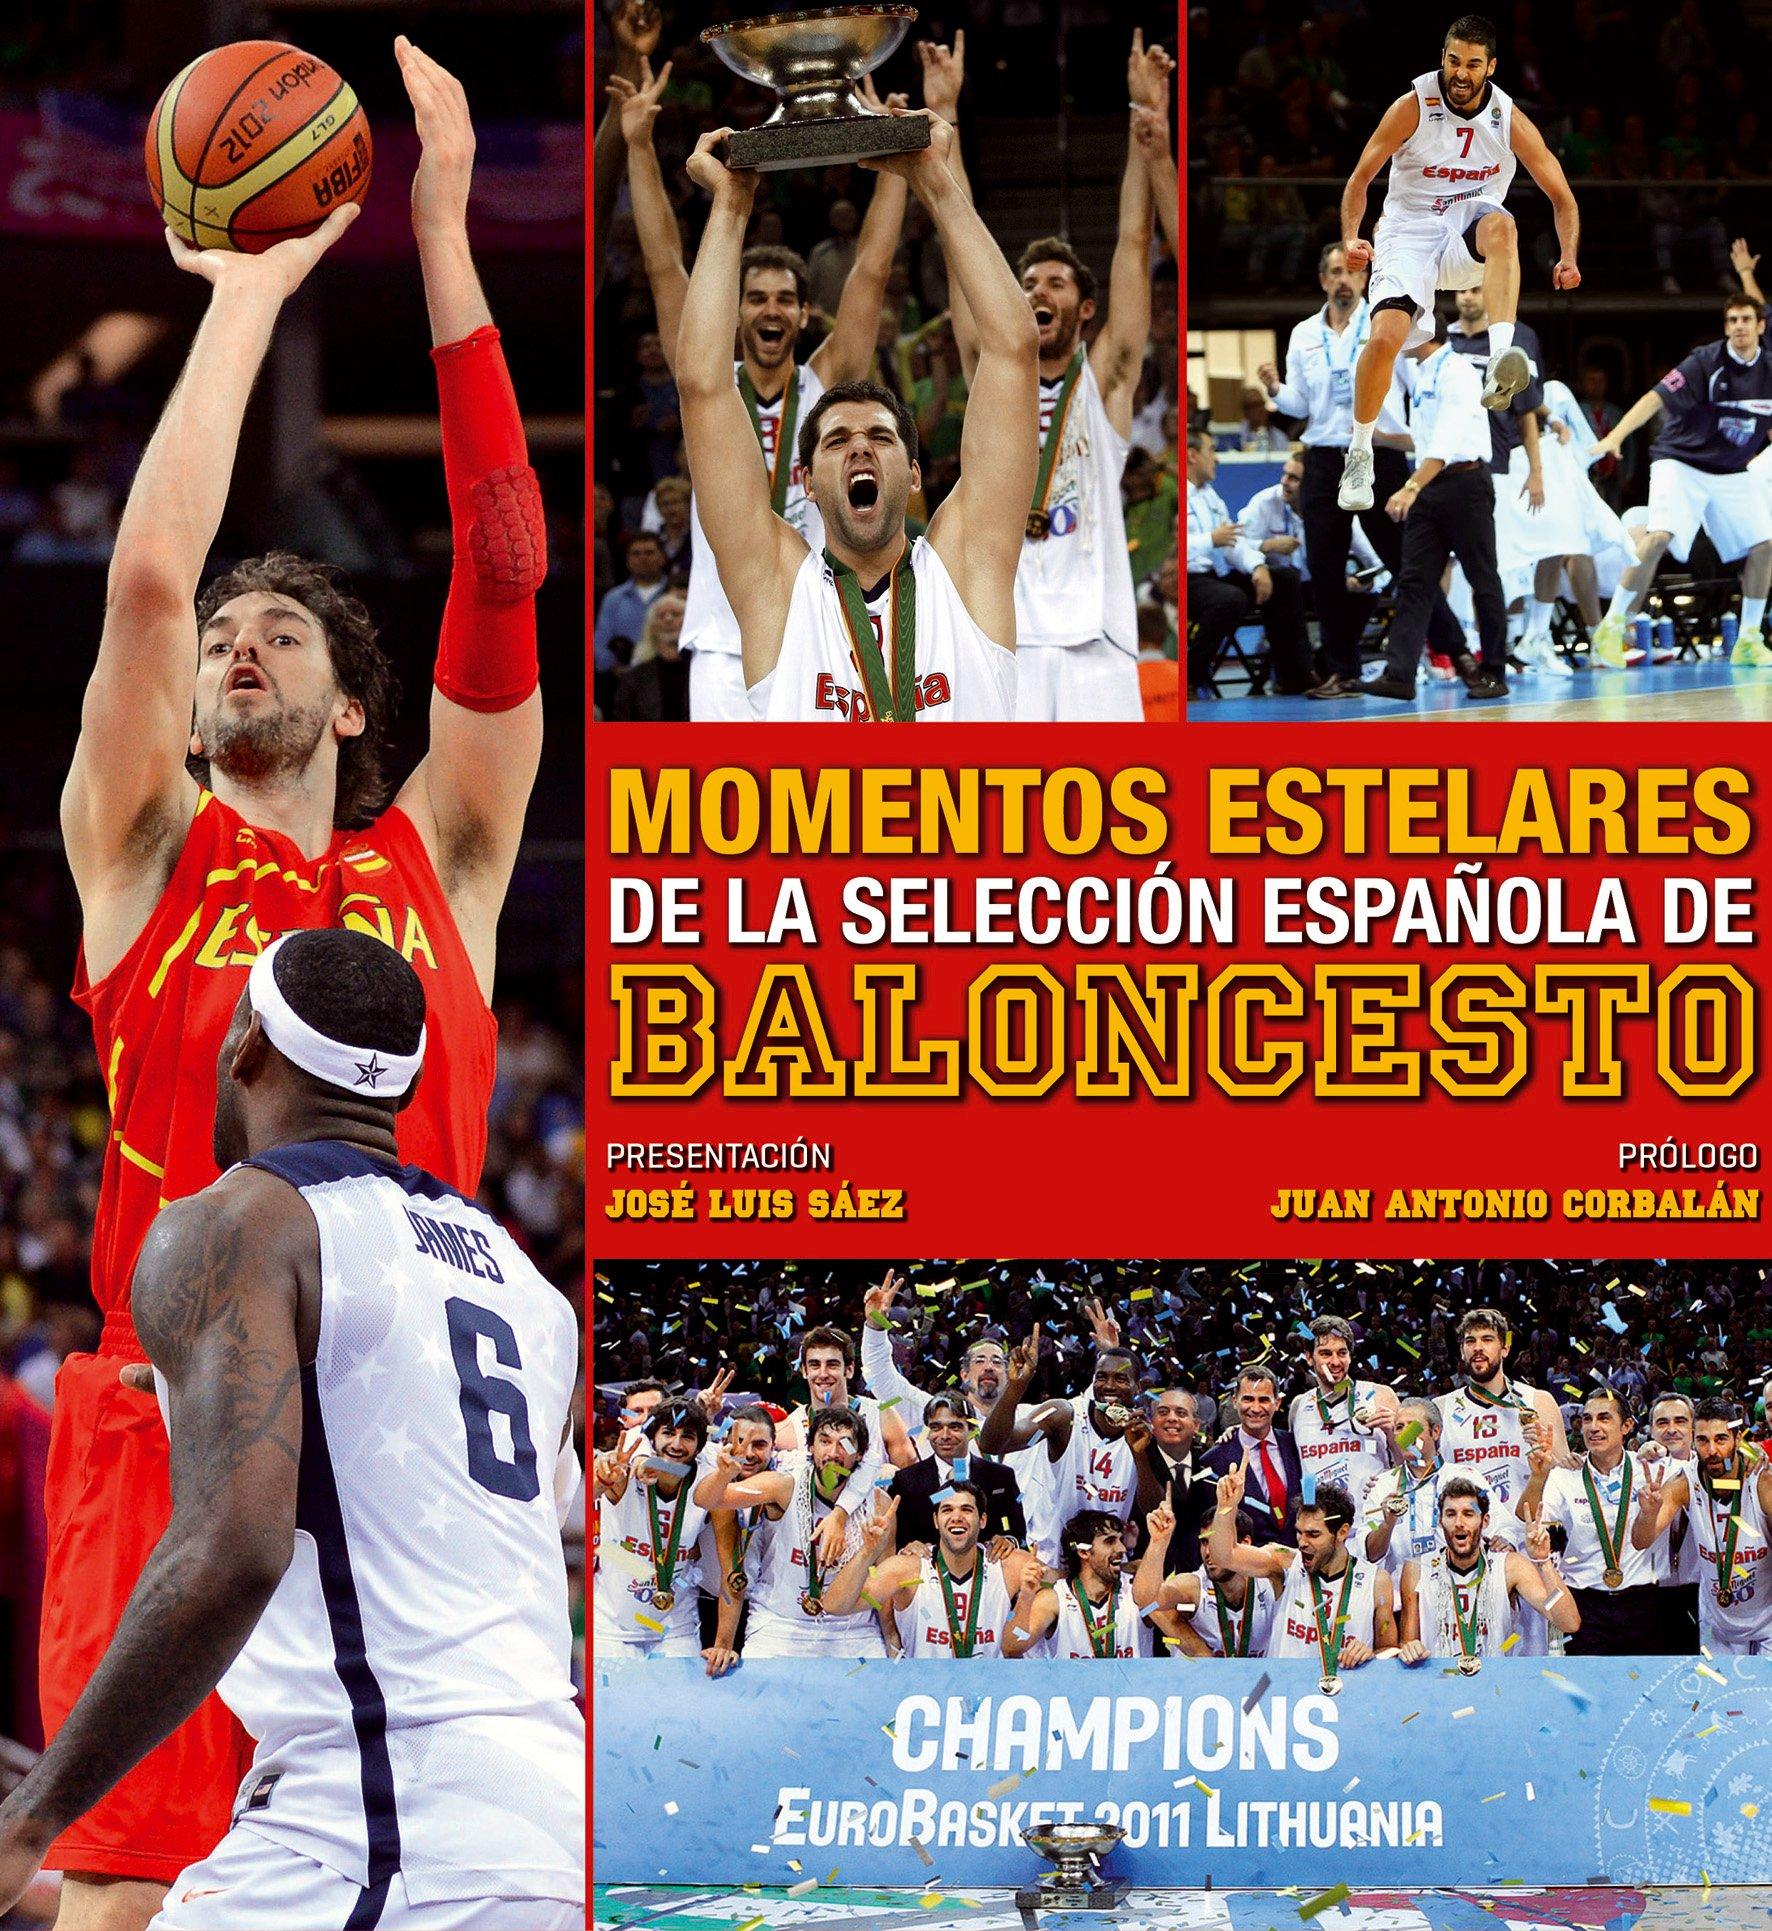 Momentos estelares de la selección española de baloncesto. Ocio y ...